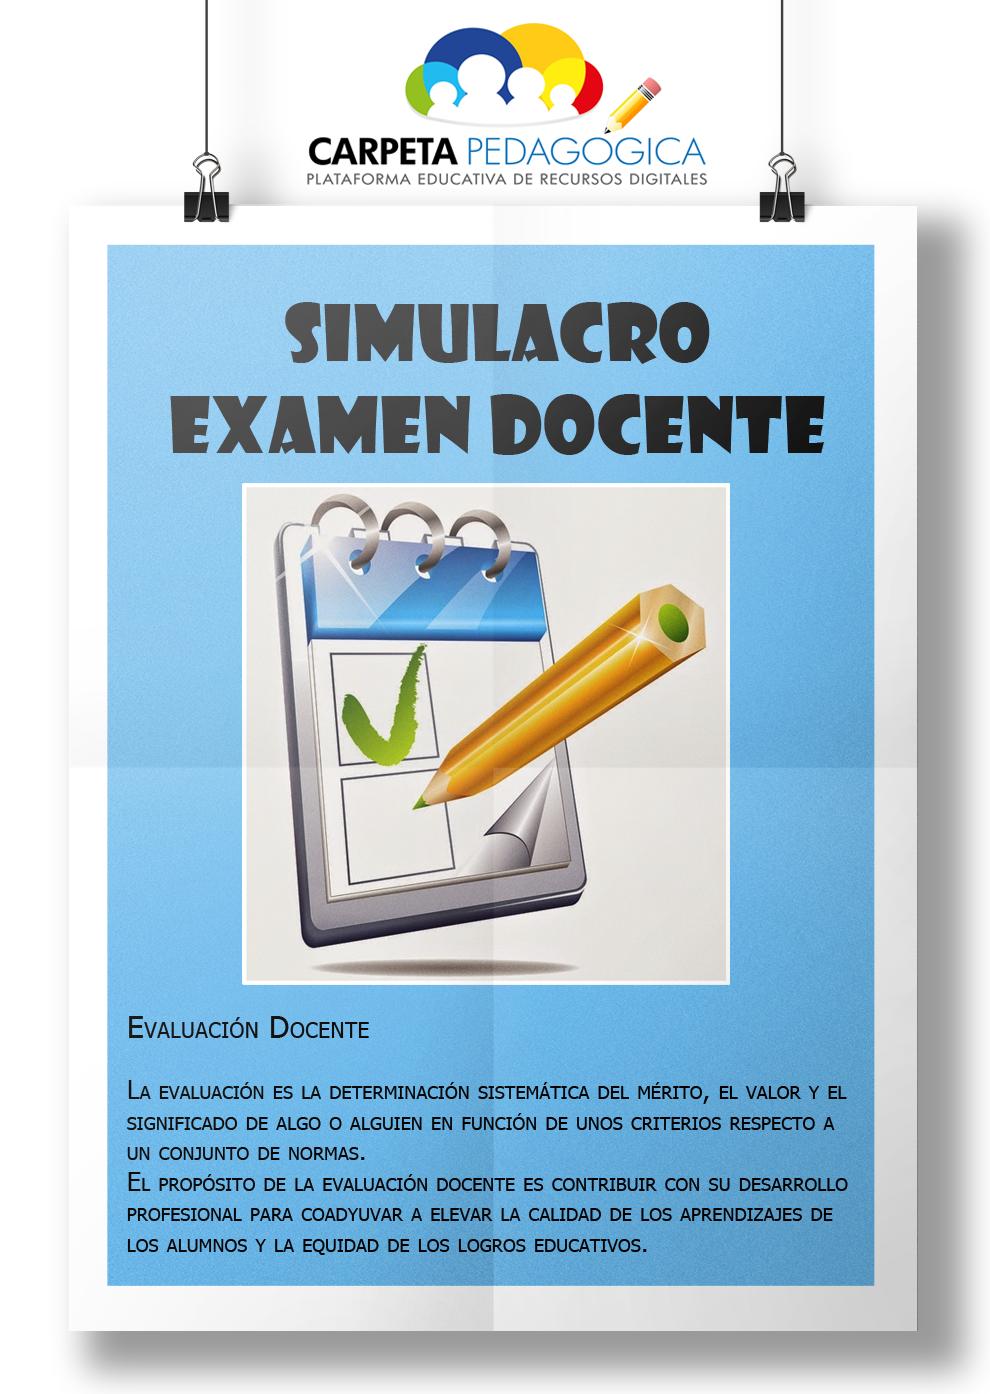 Simulacro examen docente: Conocimientos del estudiante (Cuestionario 1)